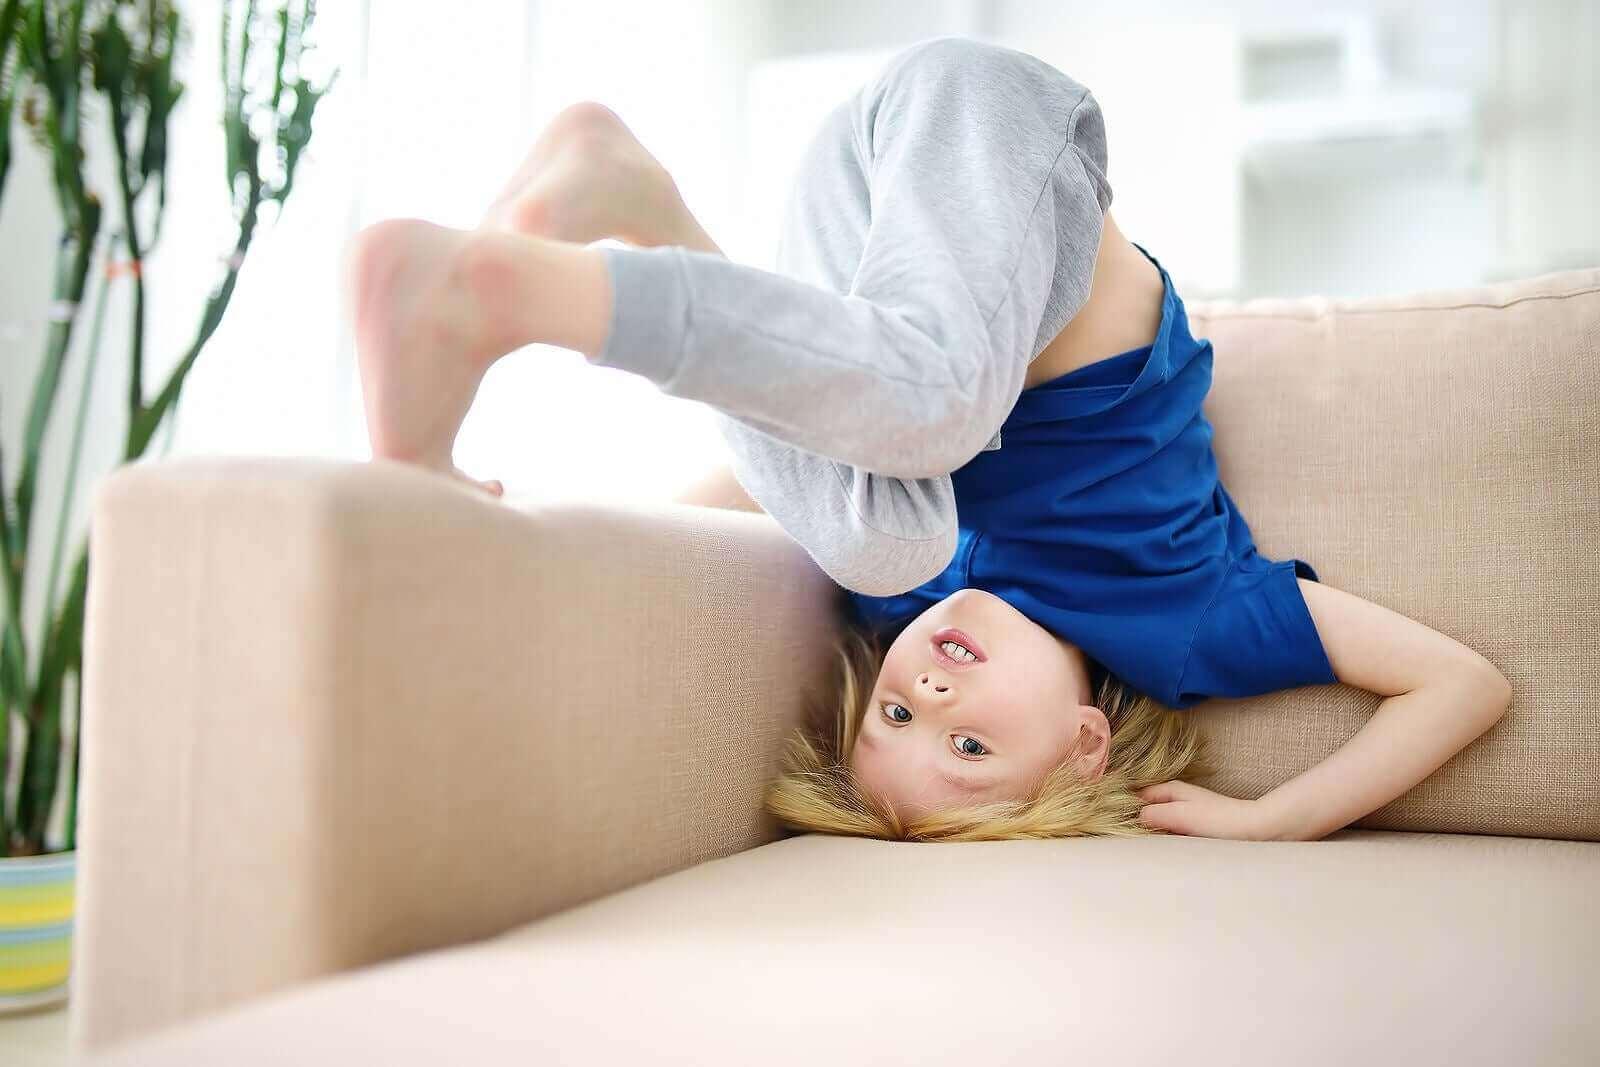 Et barn som stuper kråke i en sofa